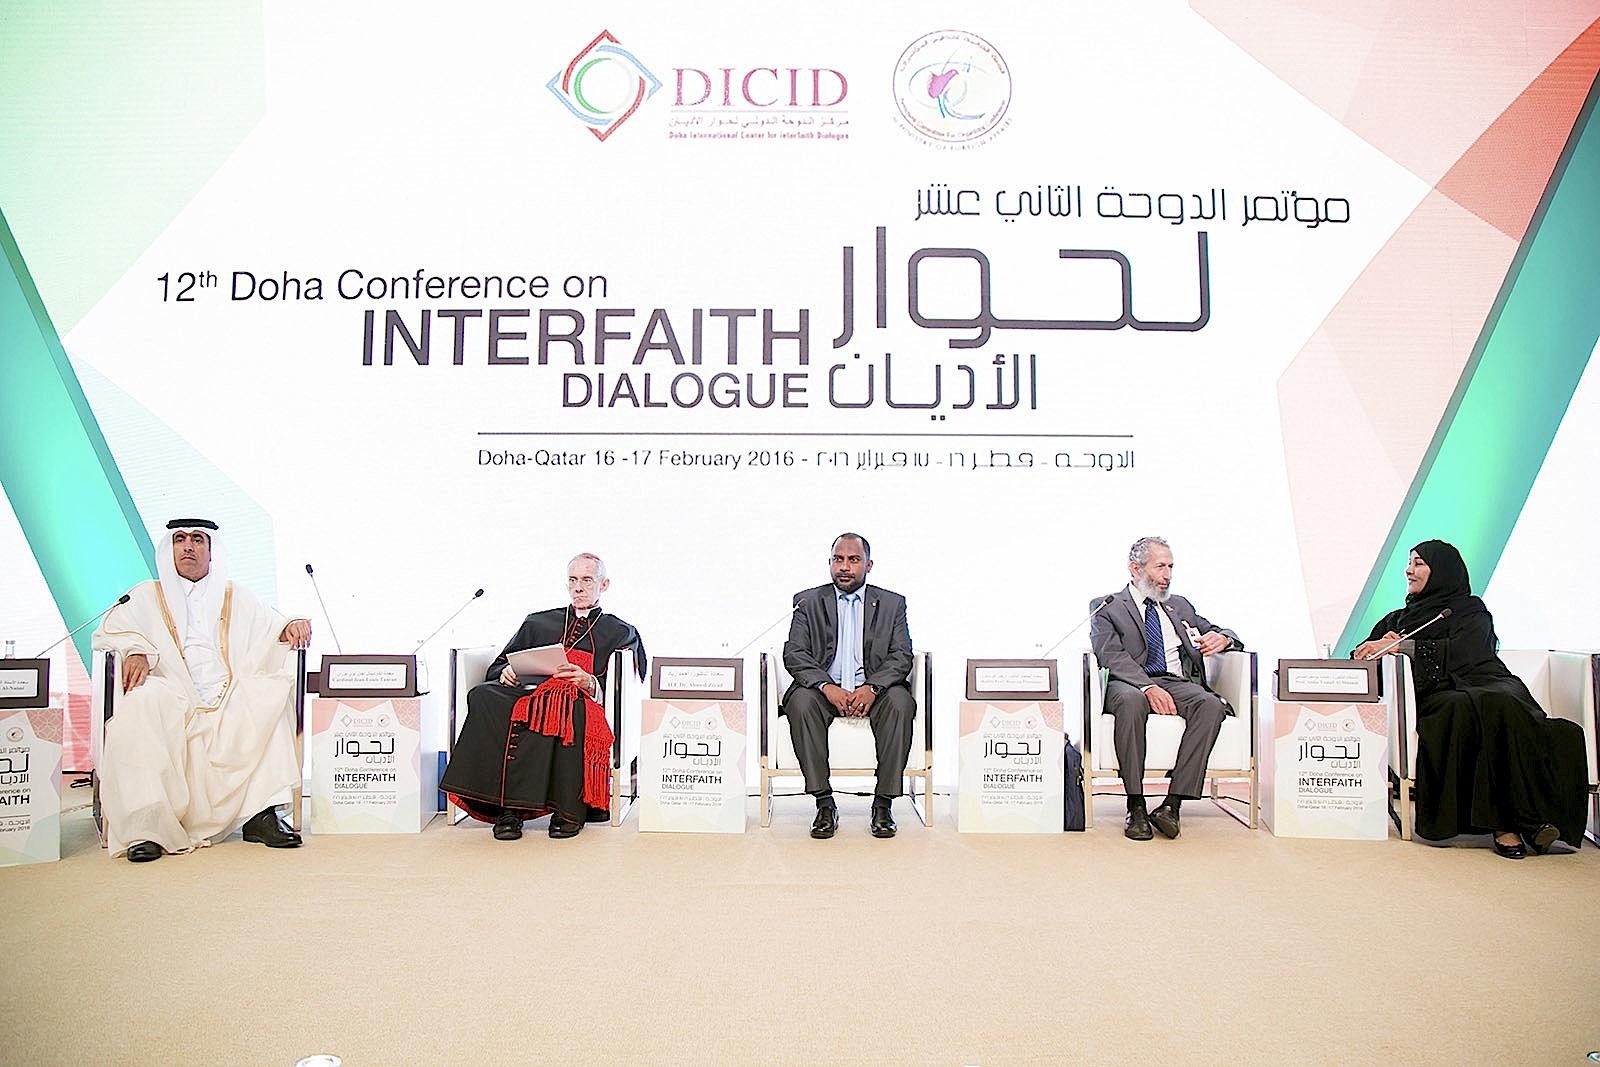 12th Doha Interfaith Dialogue Conference 2016, February 16 – 17, 2016 Doha - Qatar